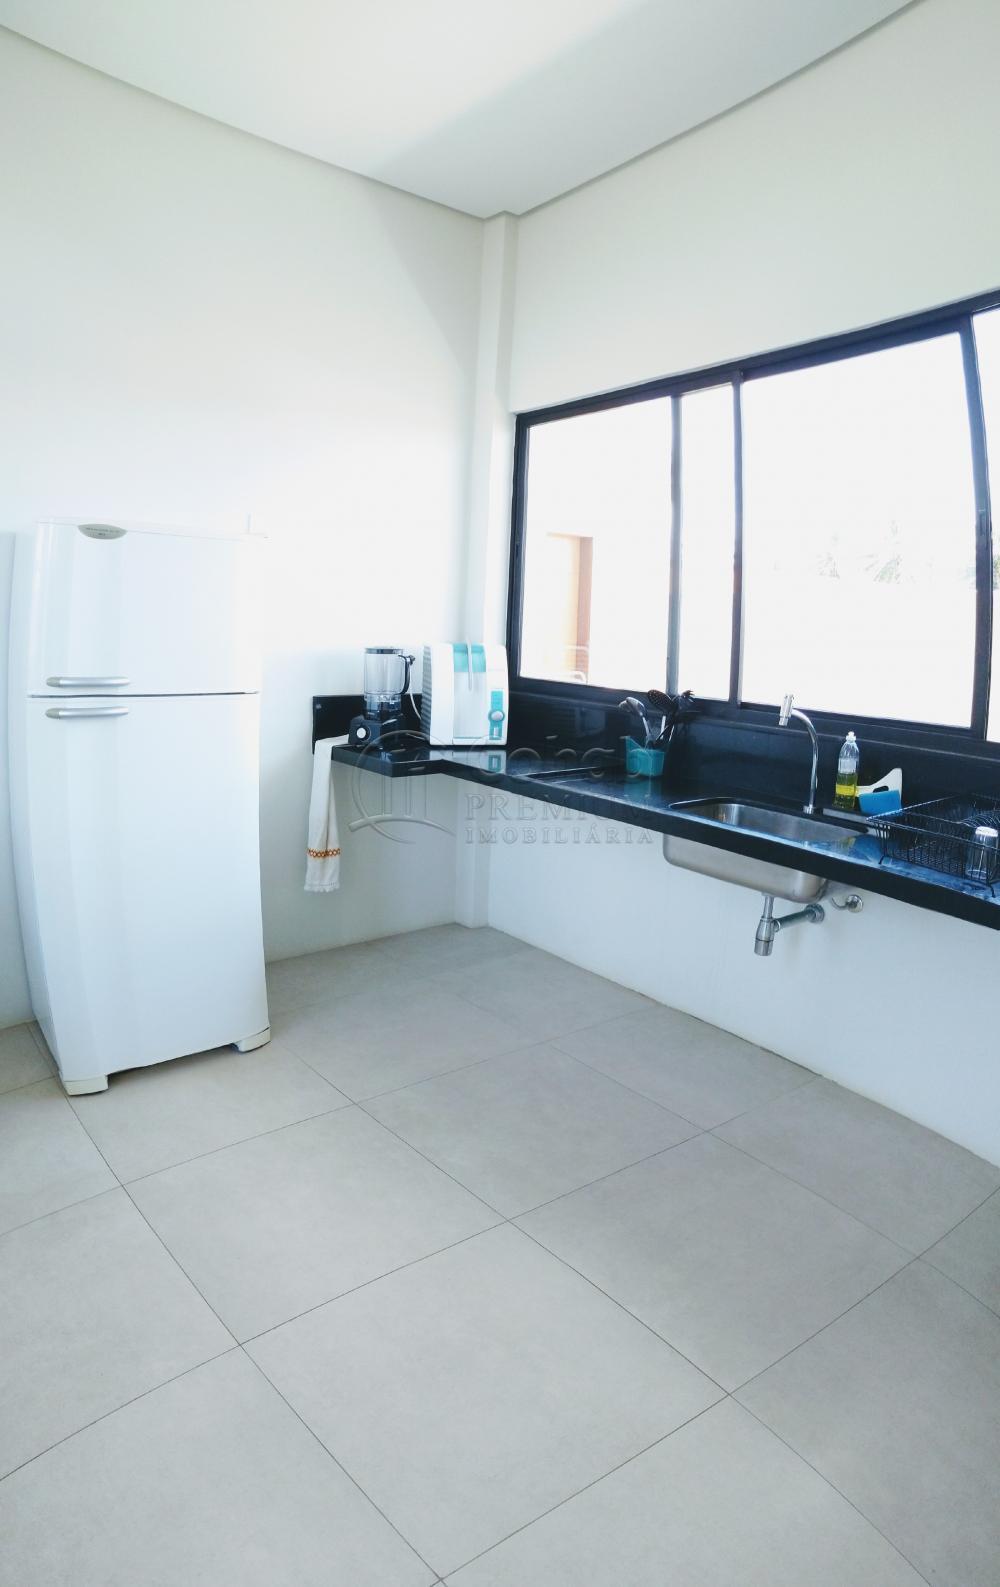 Alugar Casa / Condomínio em Barra dos Coqueiros apenas R$ 6.500,00 - Foto 13